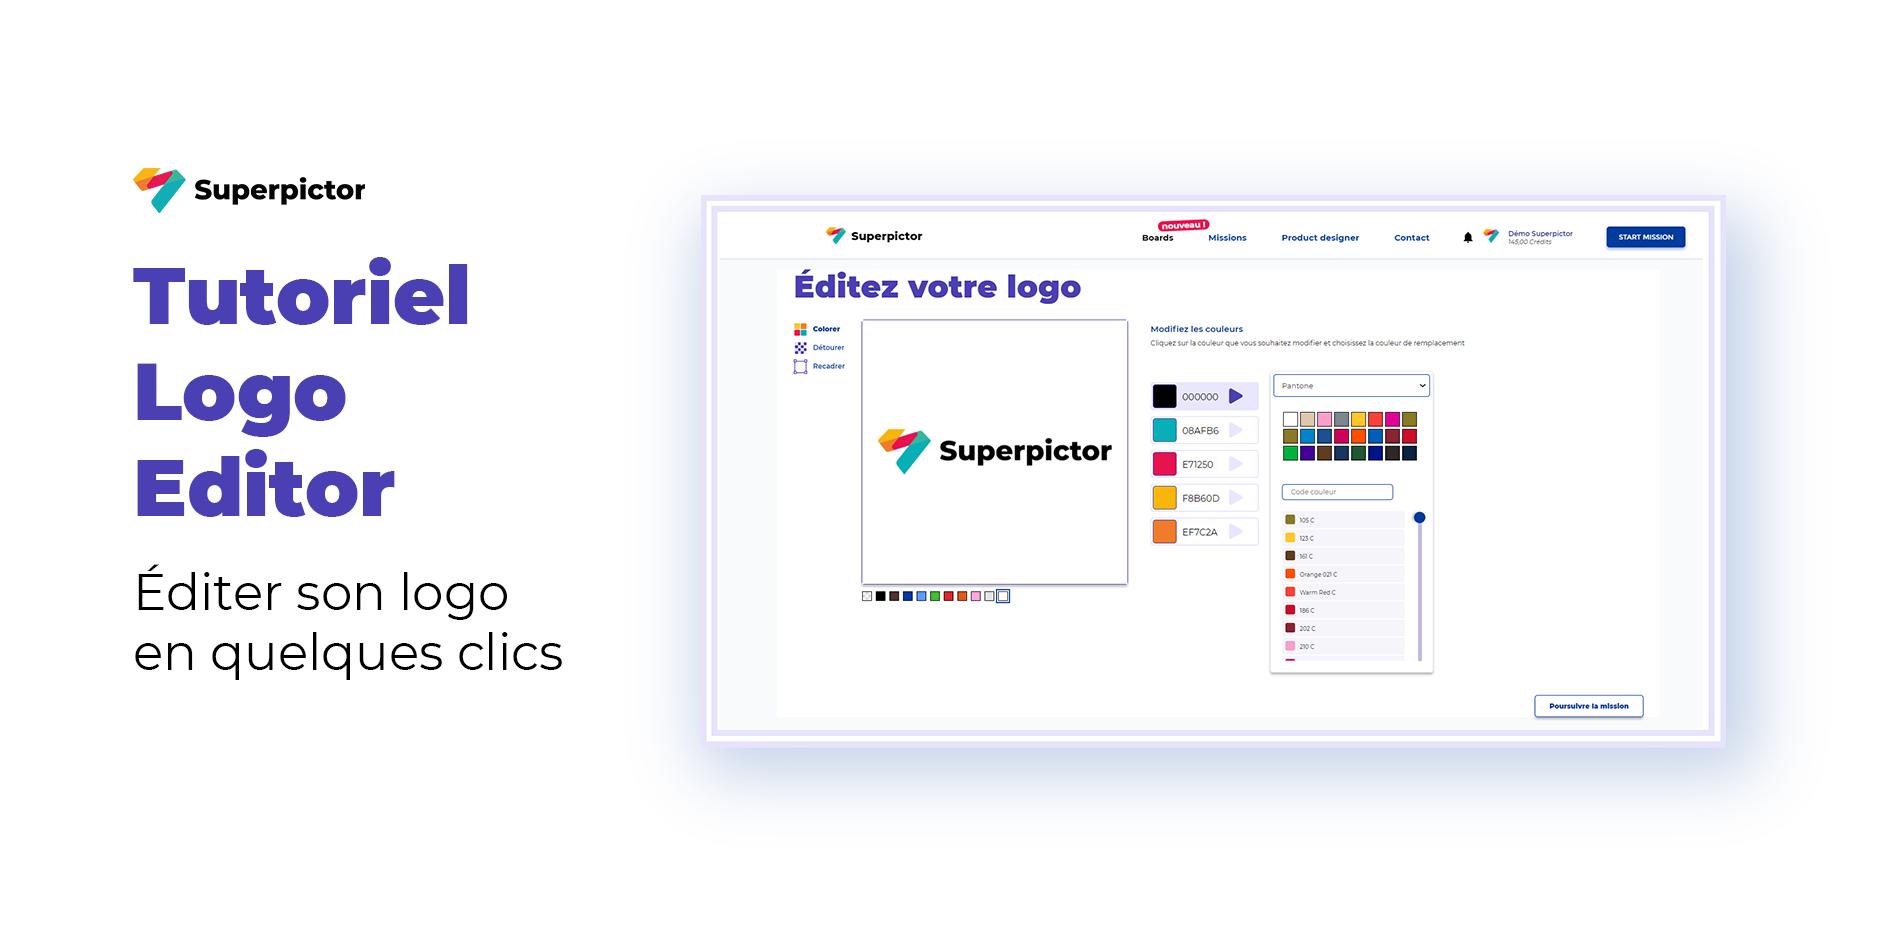 Logo Editor : éditez vos logos rapidement ! 🎨